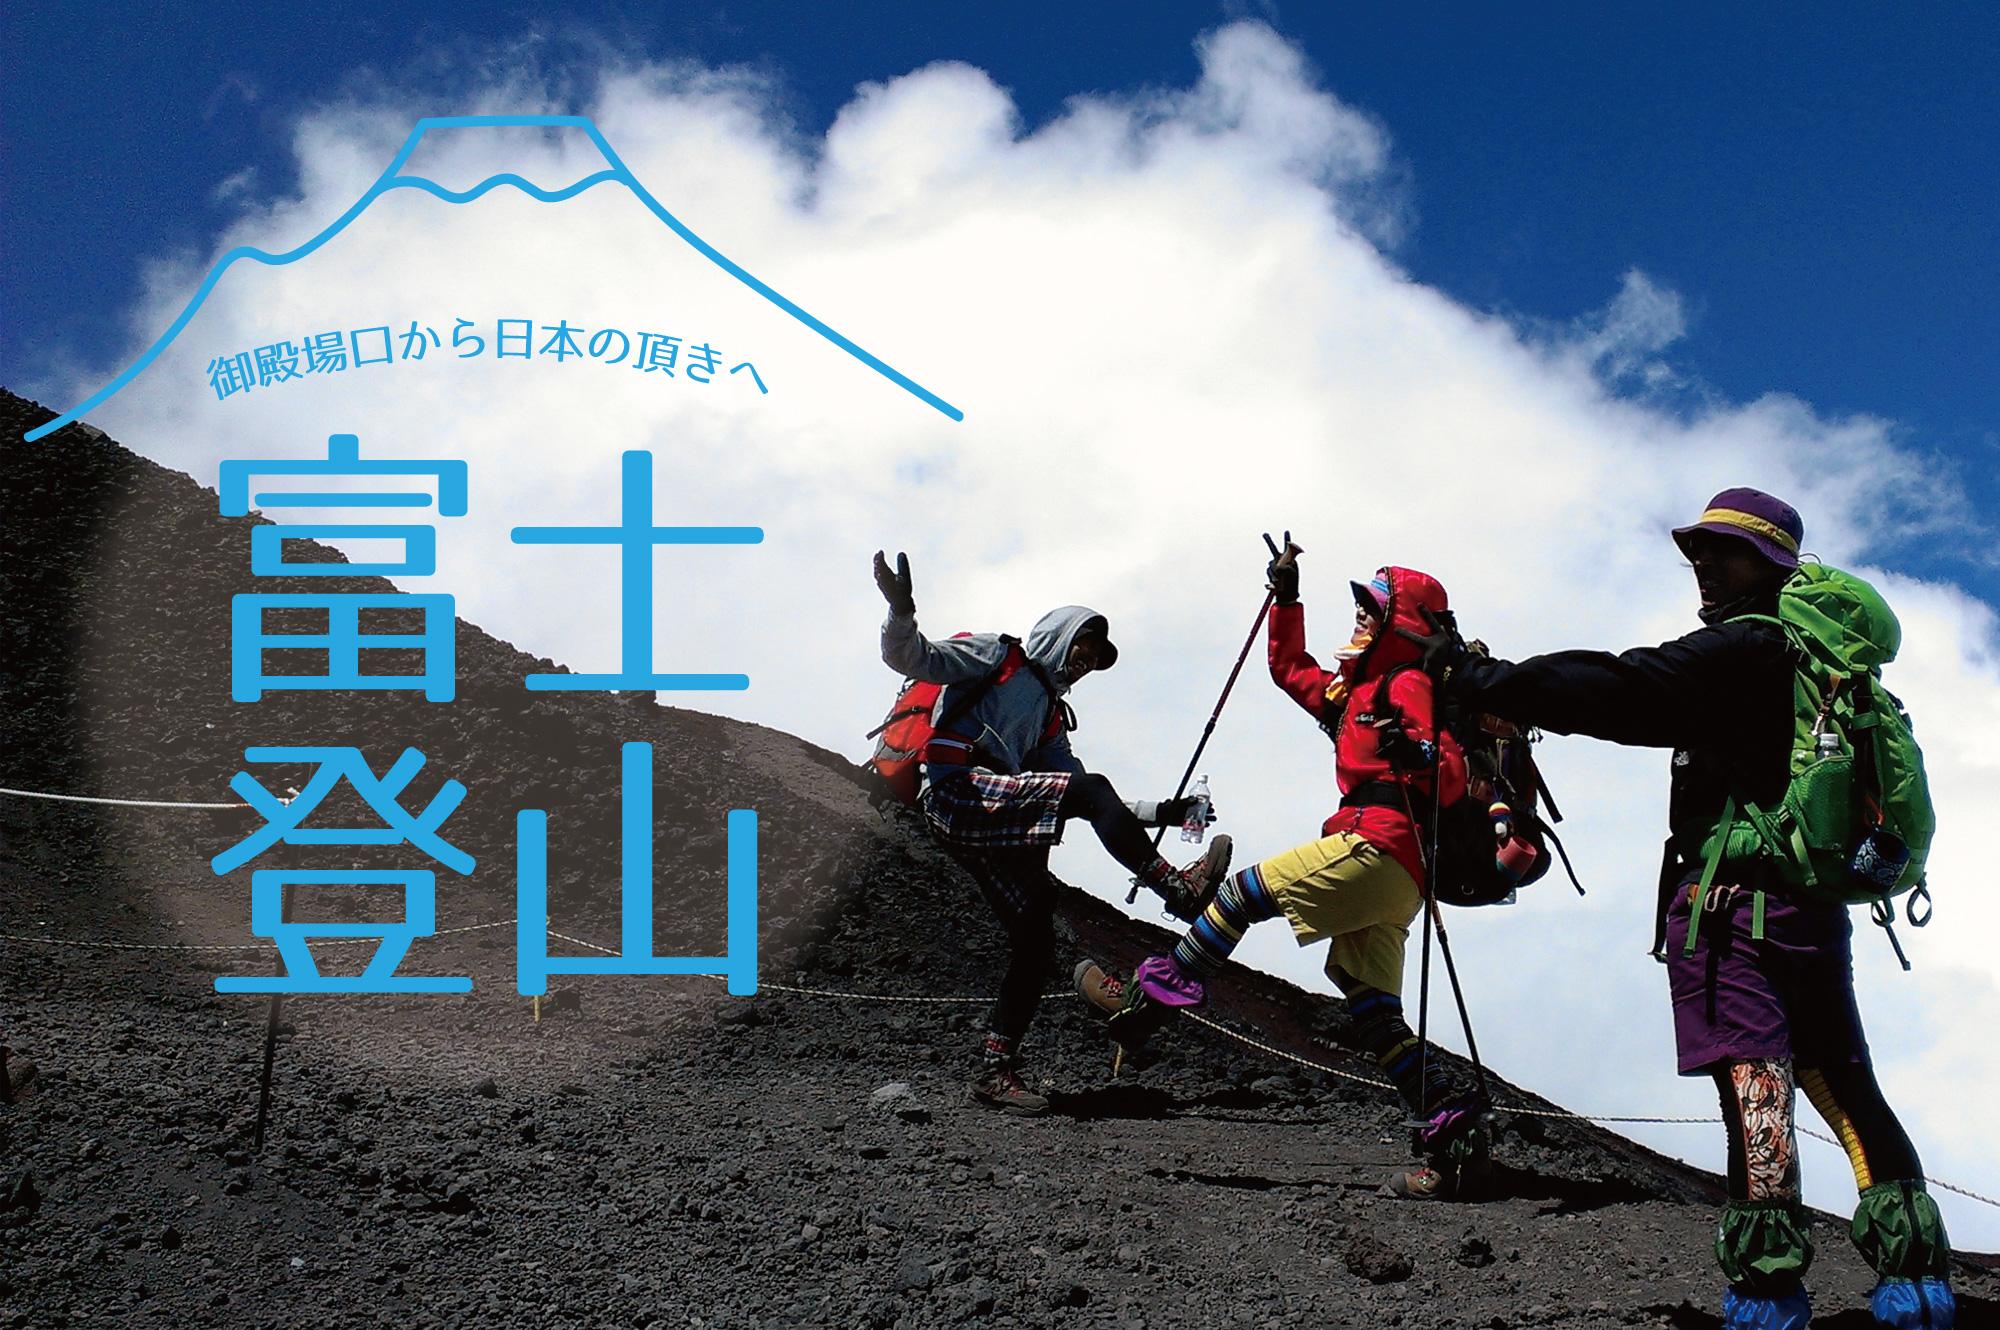 御殿場口から日本の頂へ</br>御殿場口から登る富士登山